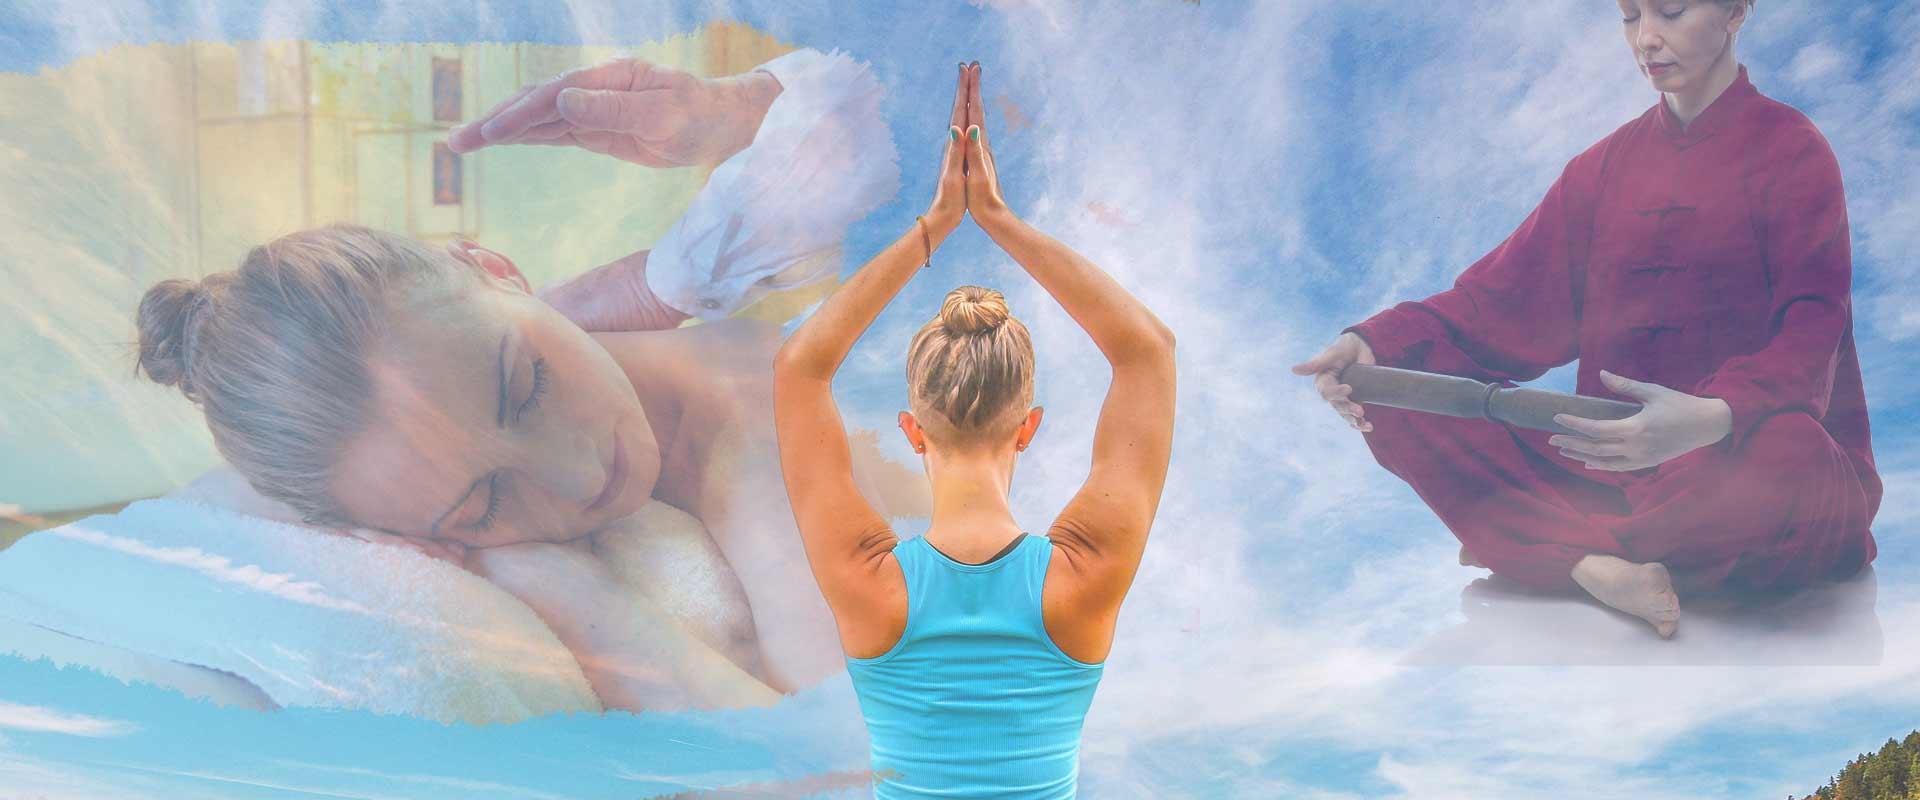 Giornata relax meditazione, Pratica yoga massaggio B&B & Meditation Center Zorba il Buddha Passerano Marmorito Asti